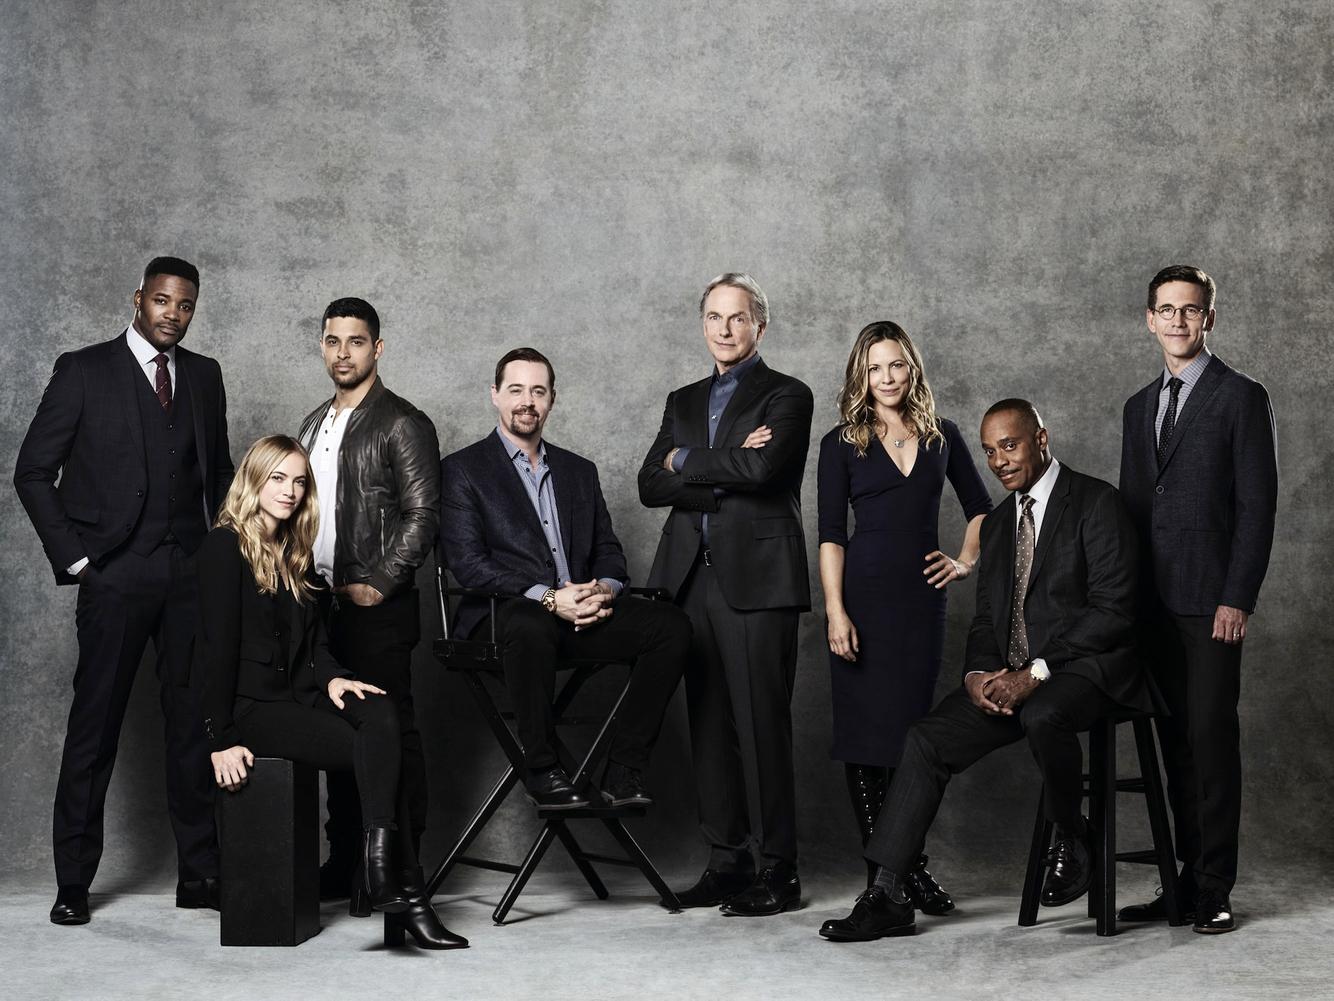 NCIS • Cast 2018